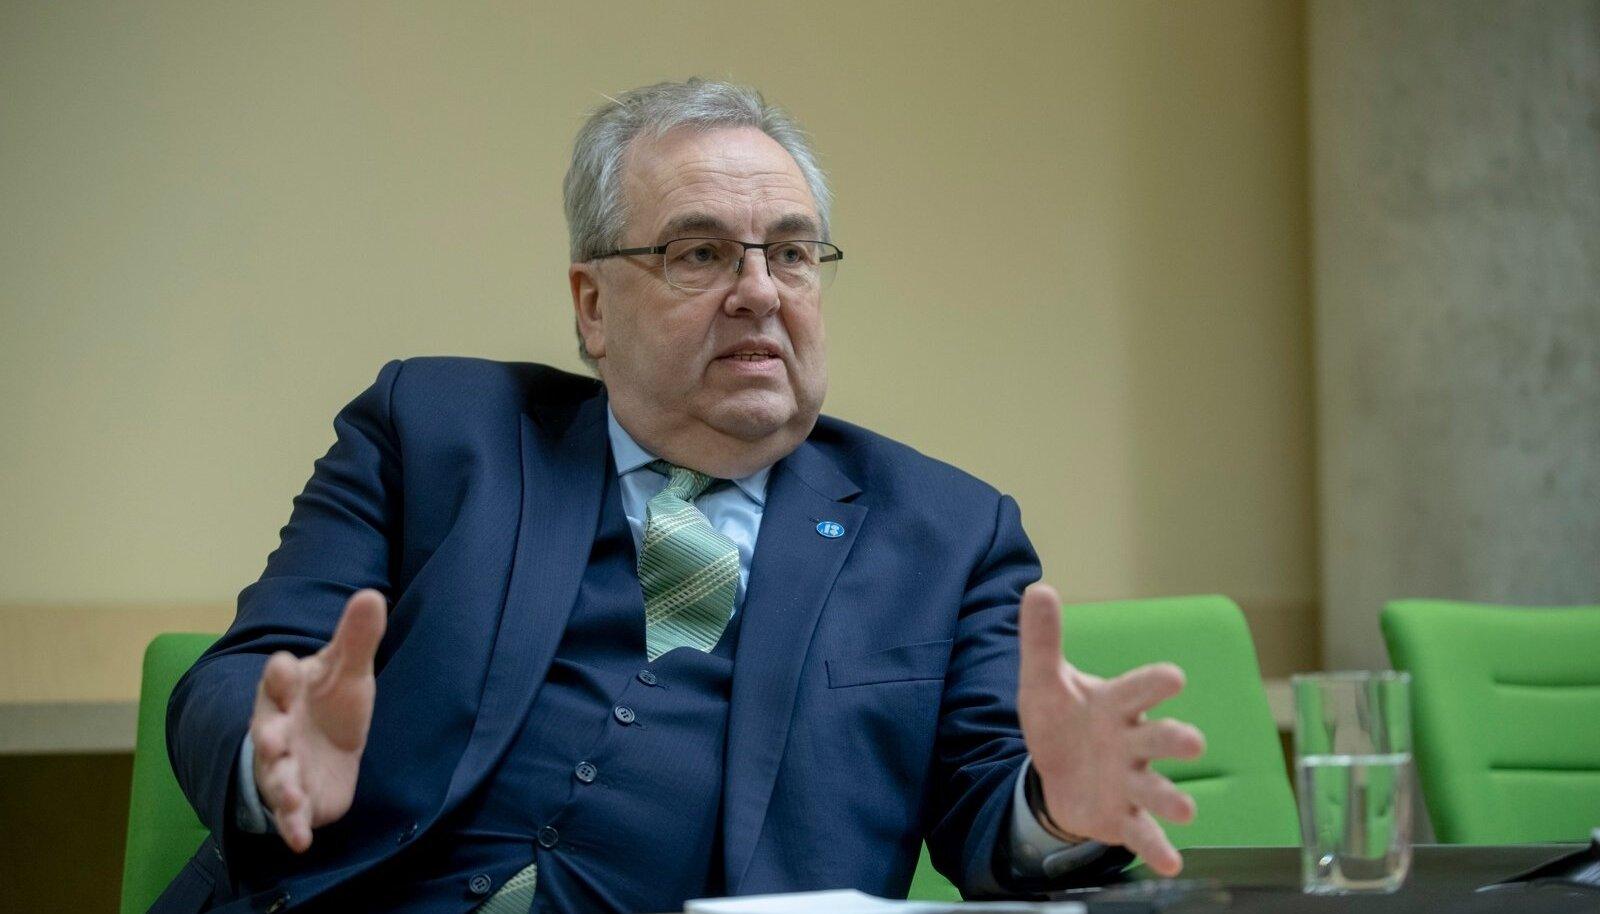 """VÄINO KALDOJA: """"Kurb ja kahju, et Eestil on sellised jamad alates rahapesust ja lõpetades selle kuradi spordiga."""